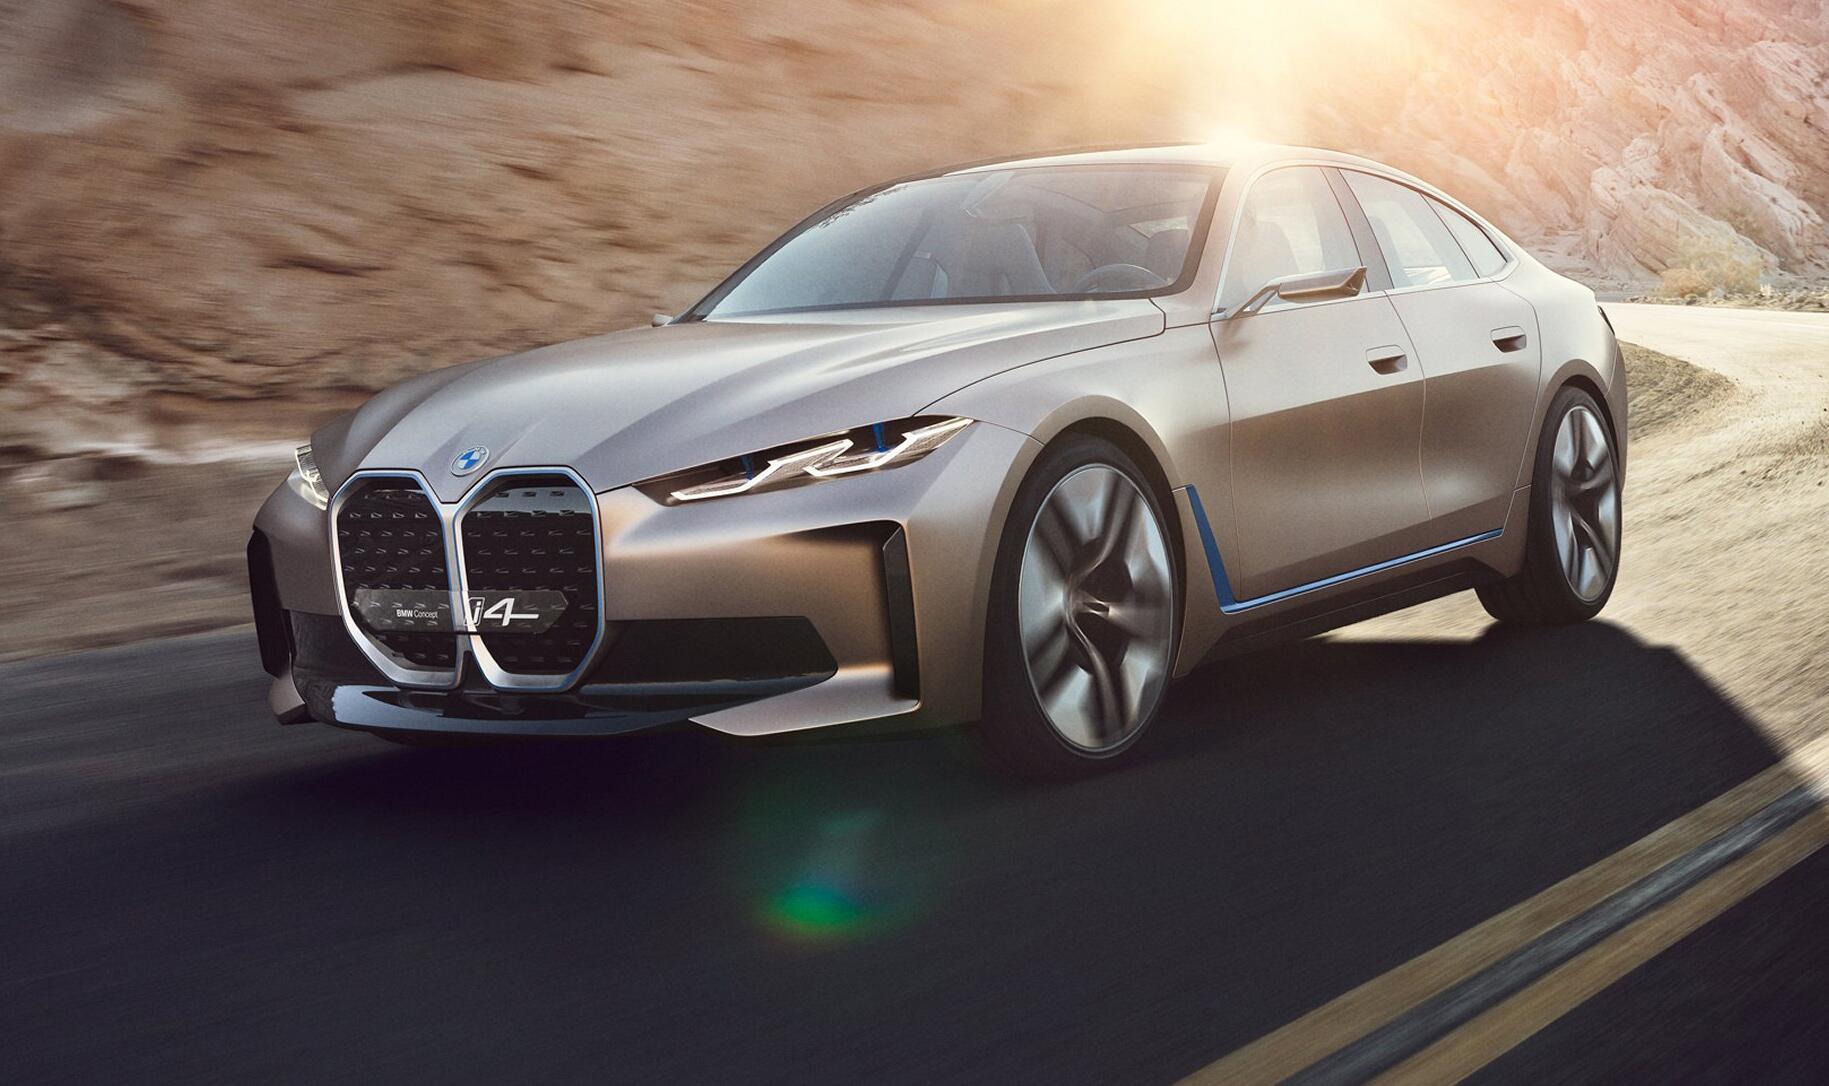 Bild zu BMW präsentiert Elektroauto i4 mit 600 Kilometer Reichweite